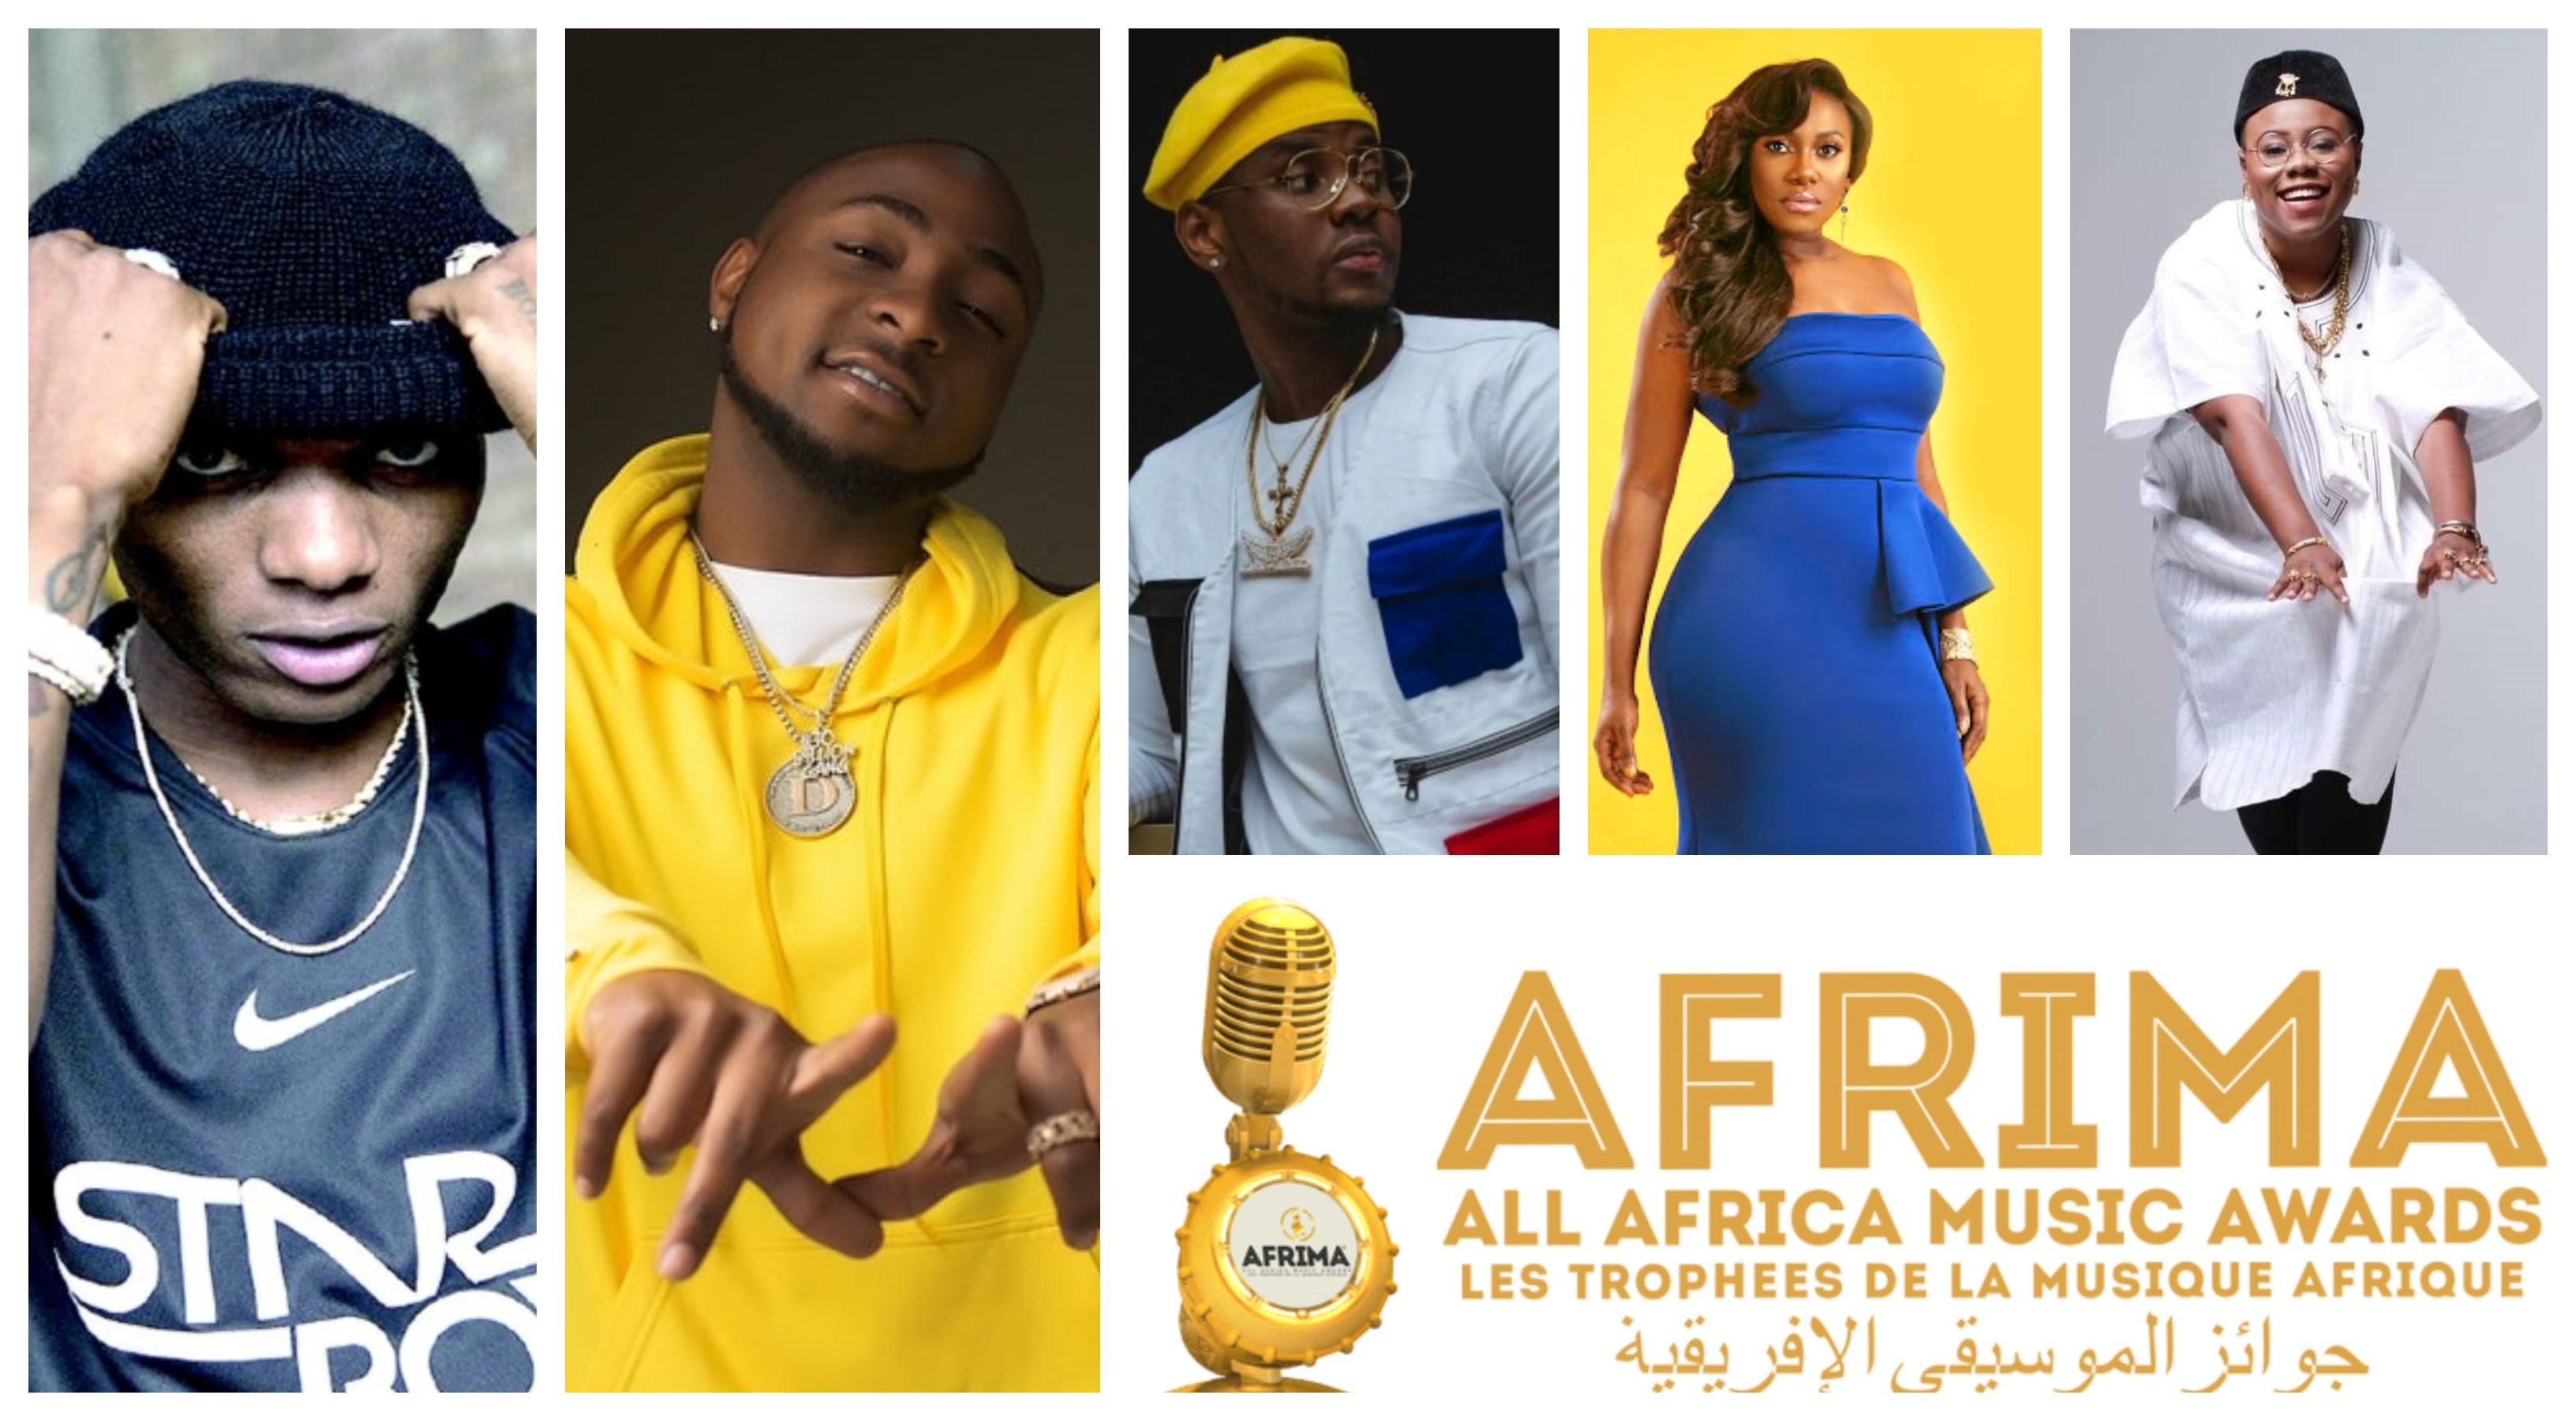 2019 AFRIMA: Wizkid, Davido, Kizz Daniel, Niniola, Teni